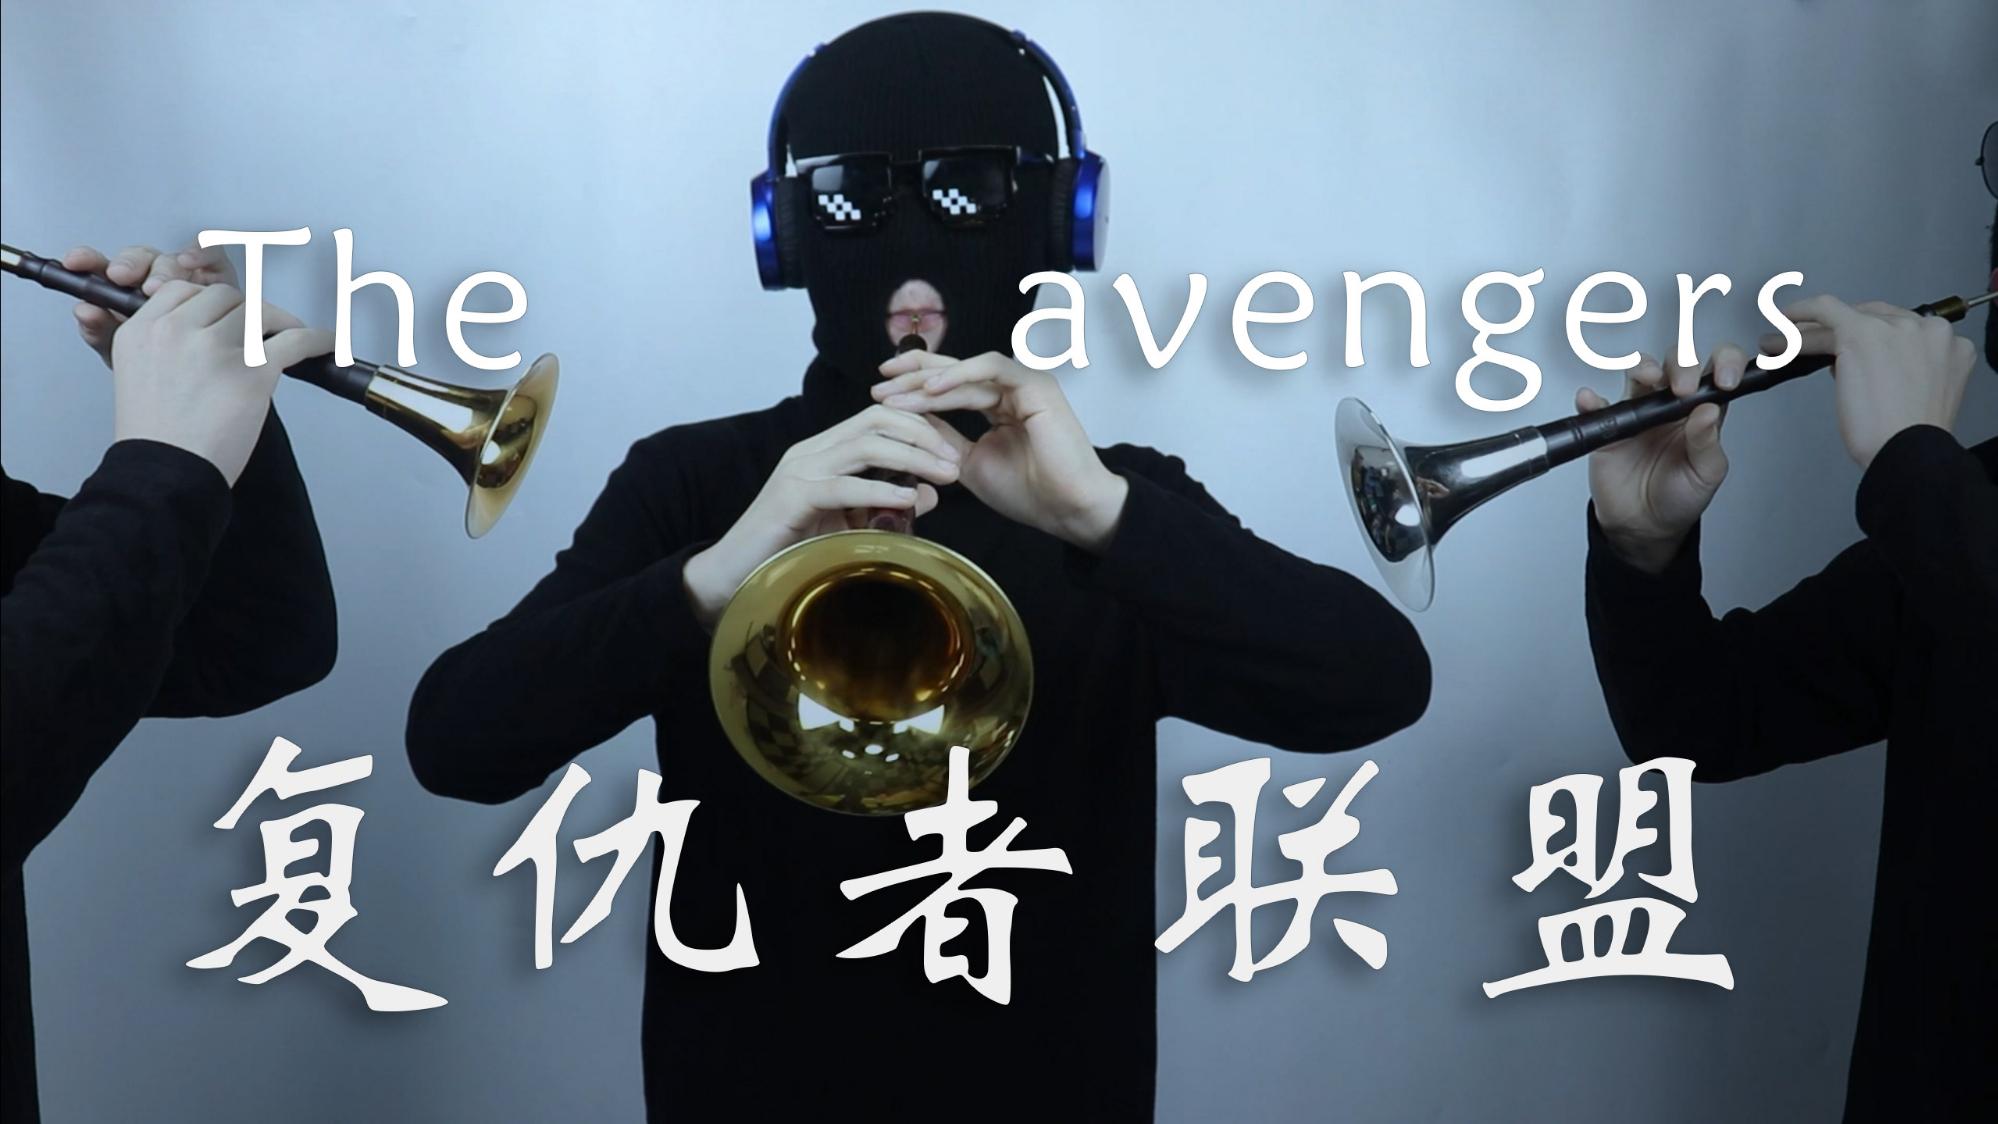 【唢呐】 复仇者联盟------《The Avengers》